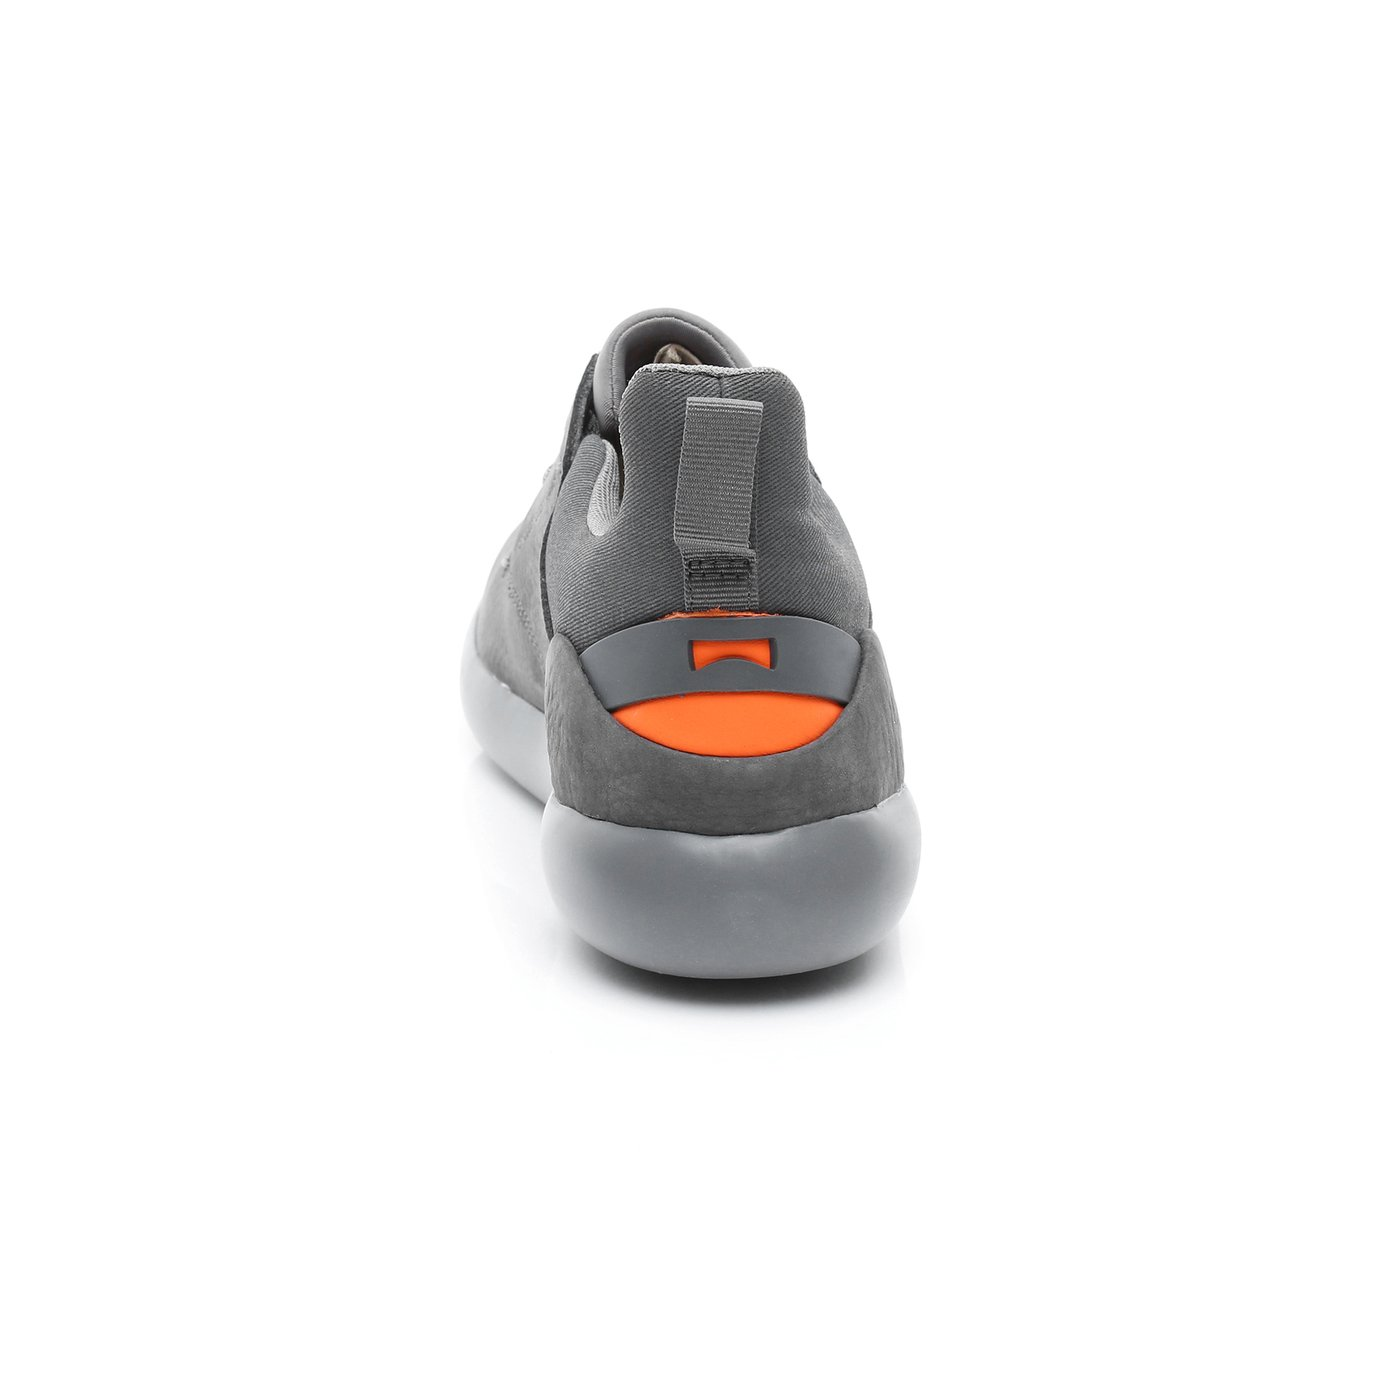 Camper Pelotas Capsule XL Gri Erkek Günlük Ayakkabı